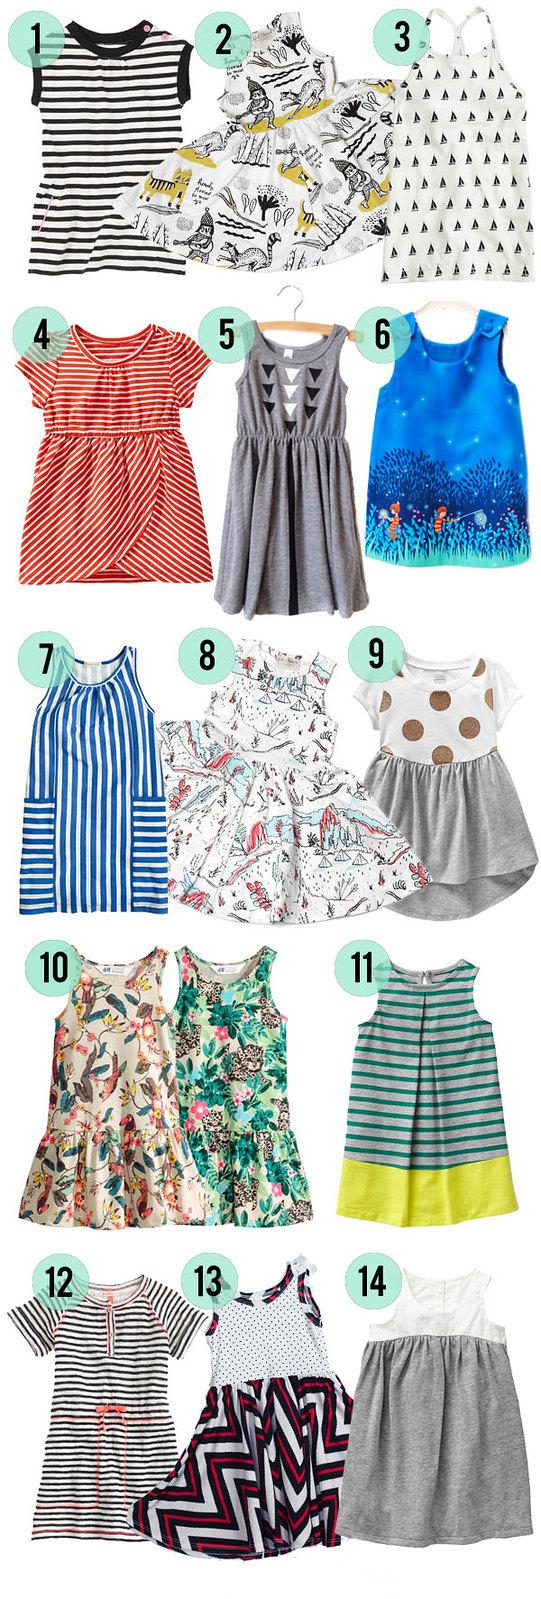 Summer Dresses for Little Girls 2014